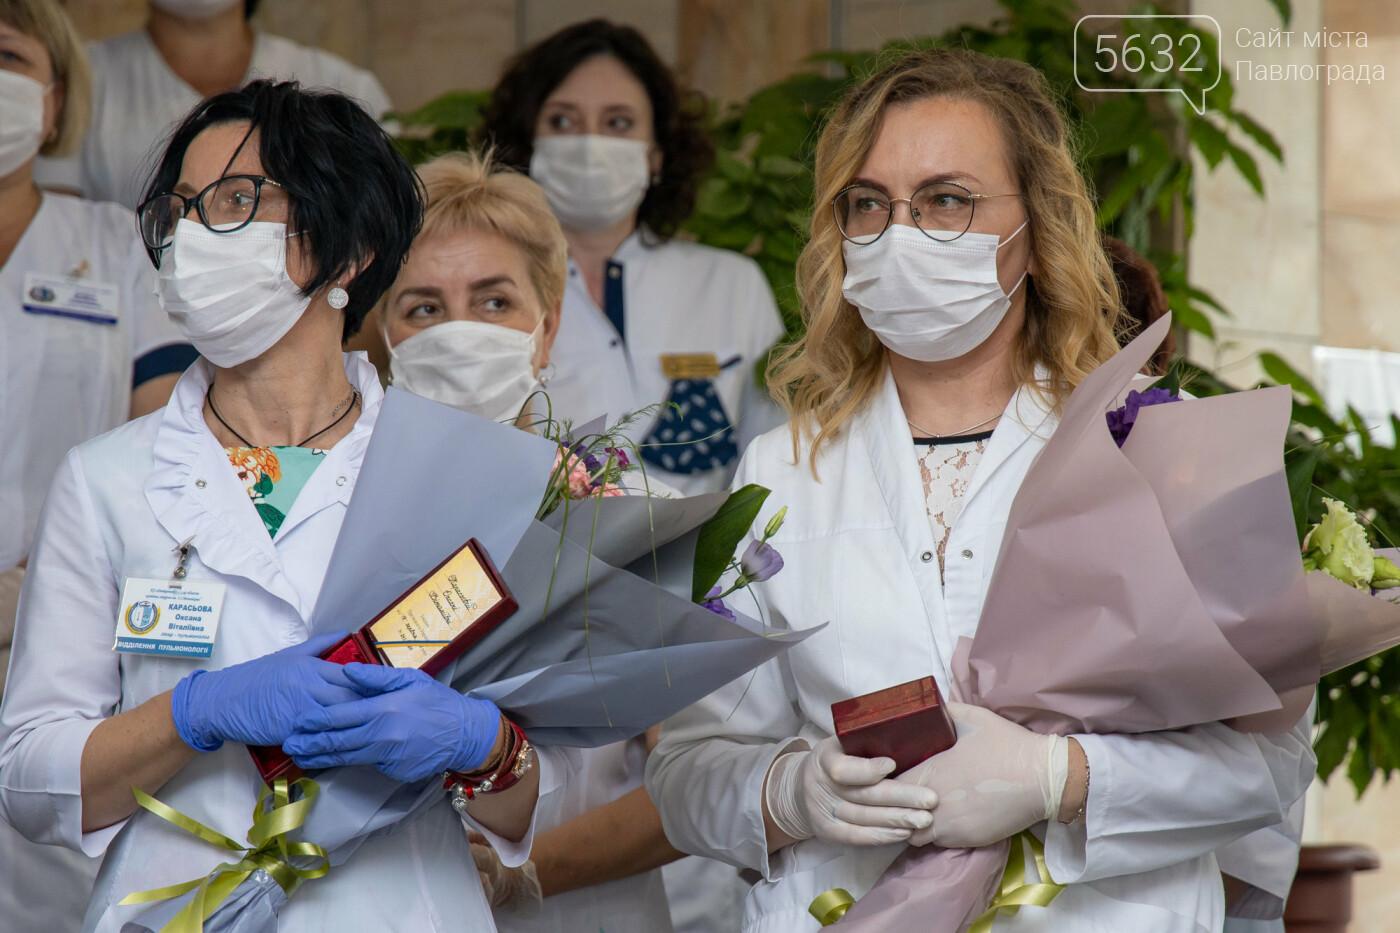 Семейный доктор из Павлограда получила звание «Заслуженный врач Украины», фото-2